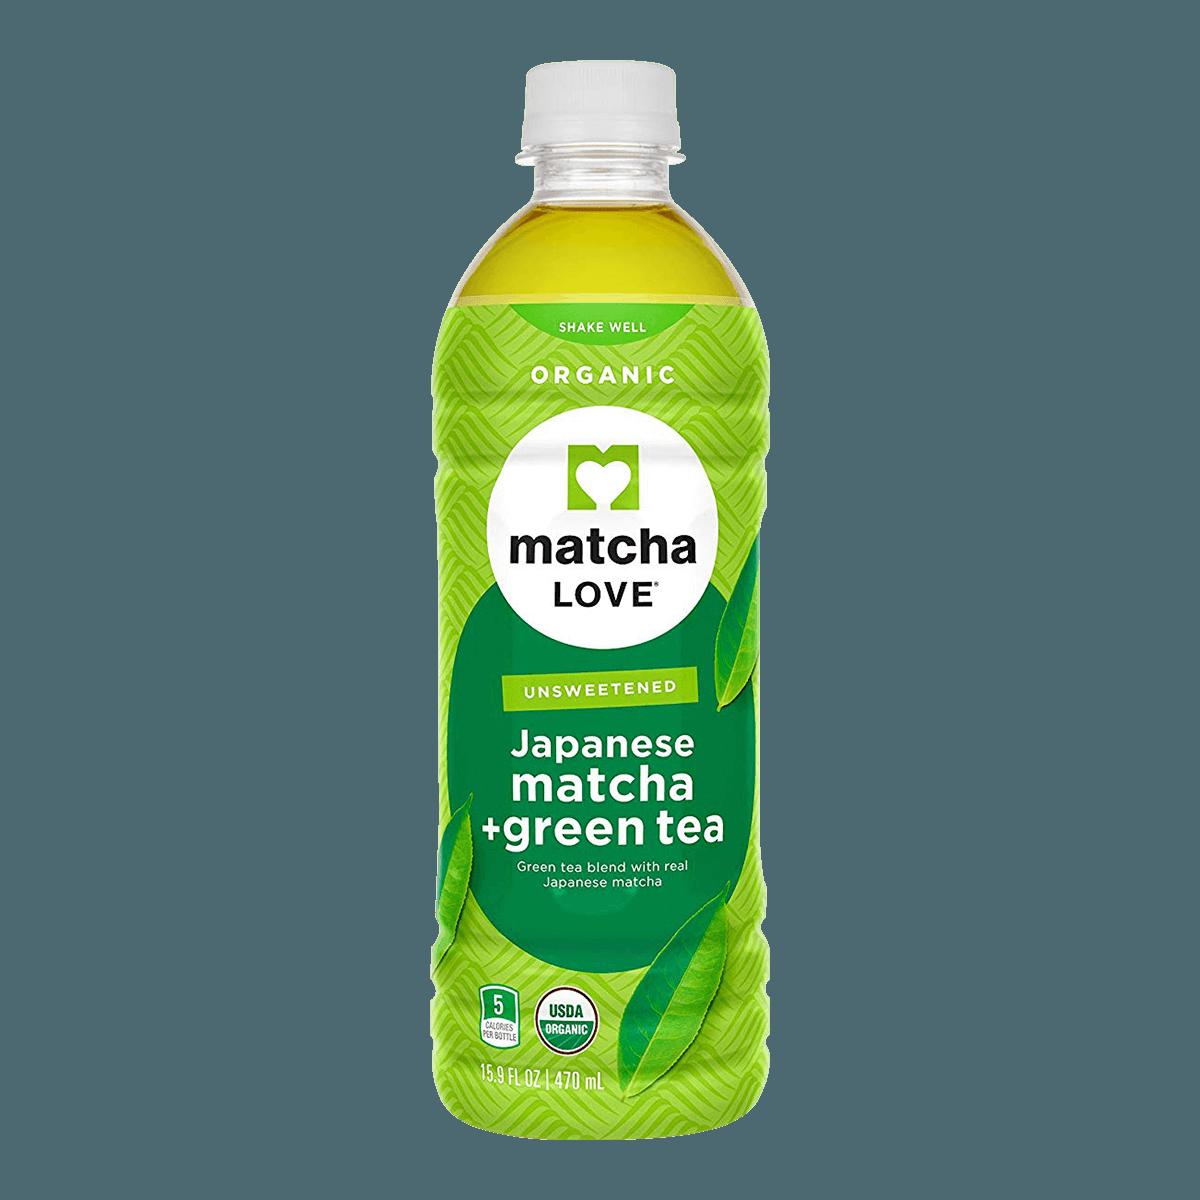 日本ITO EN伊藤园 MATCHA LOVE 无糖抹茶绿茶 470ml USDA认证 怎么样 - 亚米网